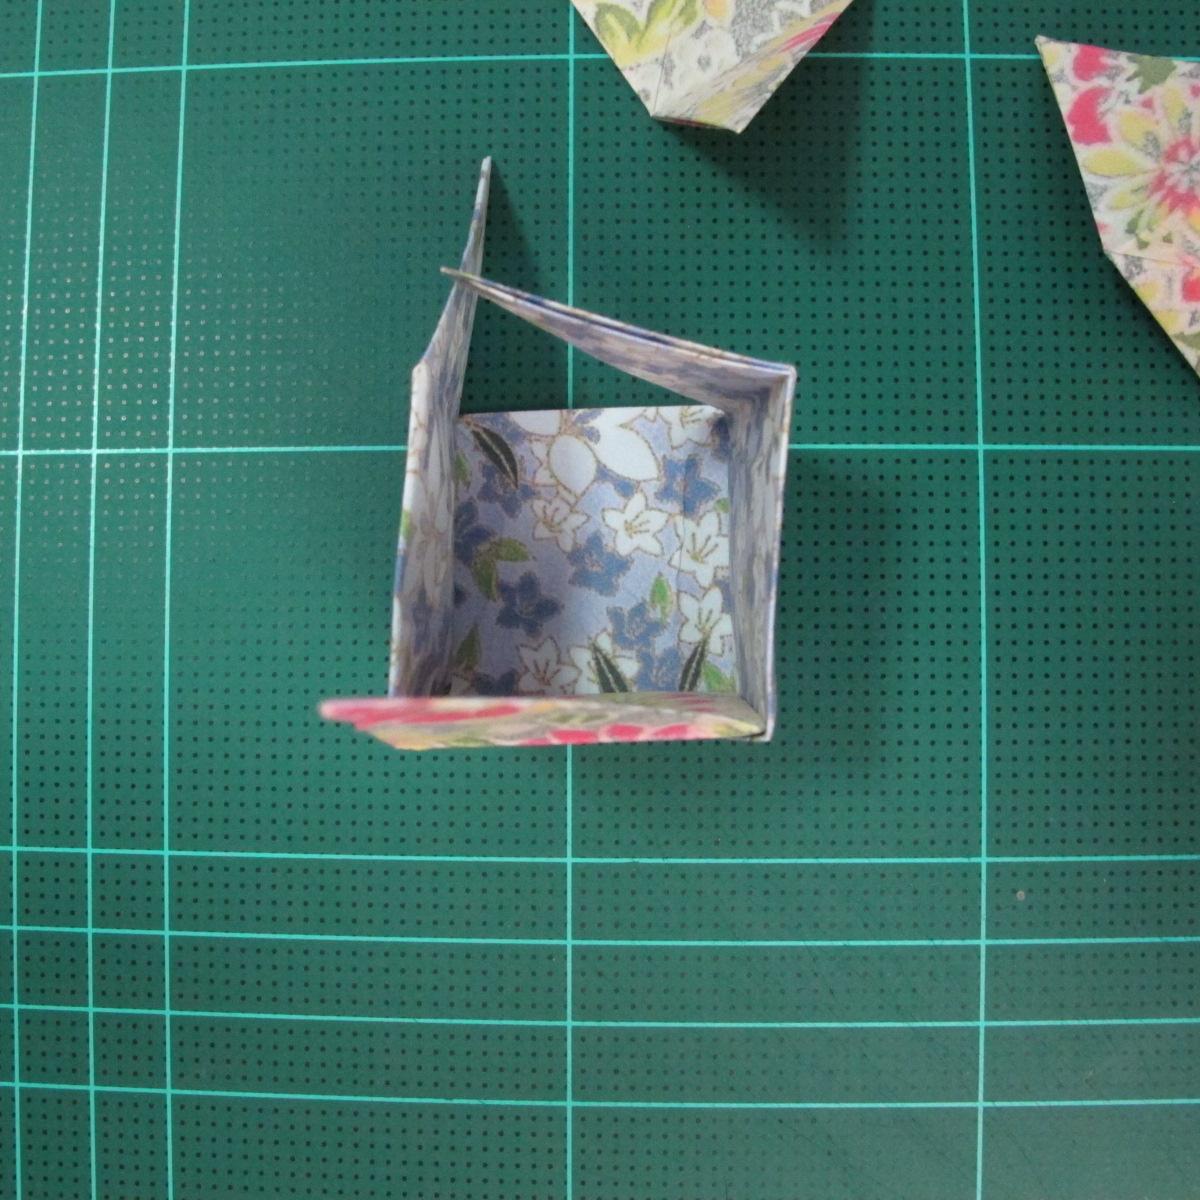 การพับกระดาษเป็นรูปเรขาคณิตทรงลูกบาศก์แบบแยกชิ้นประกอบ (Modular Origami Cube) 028